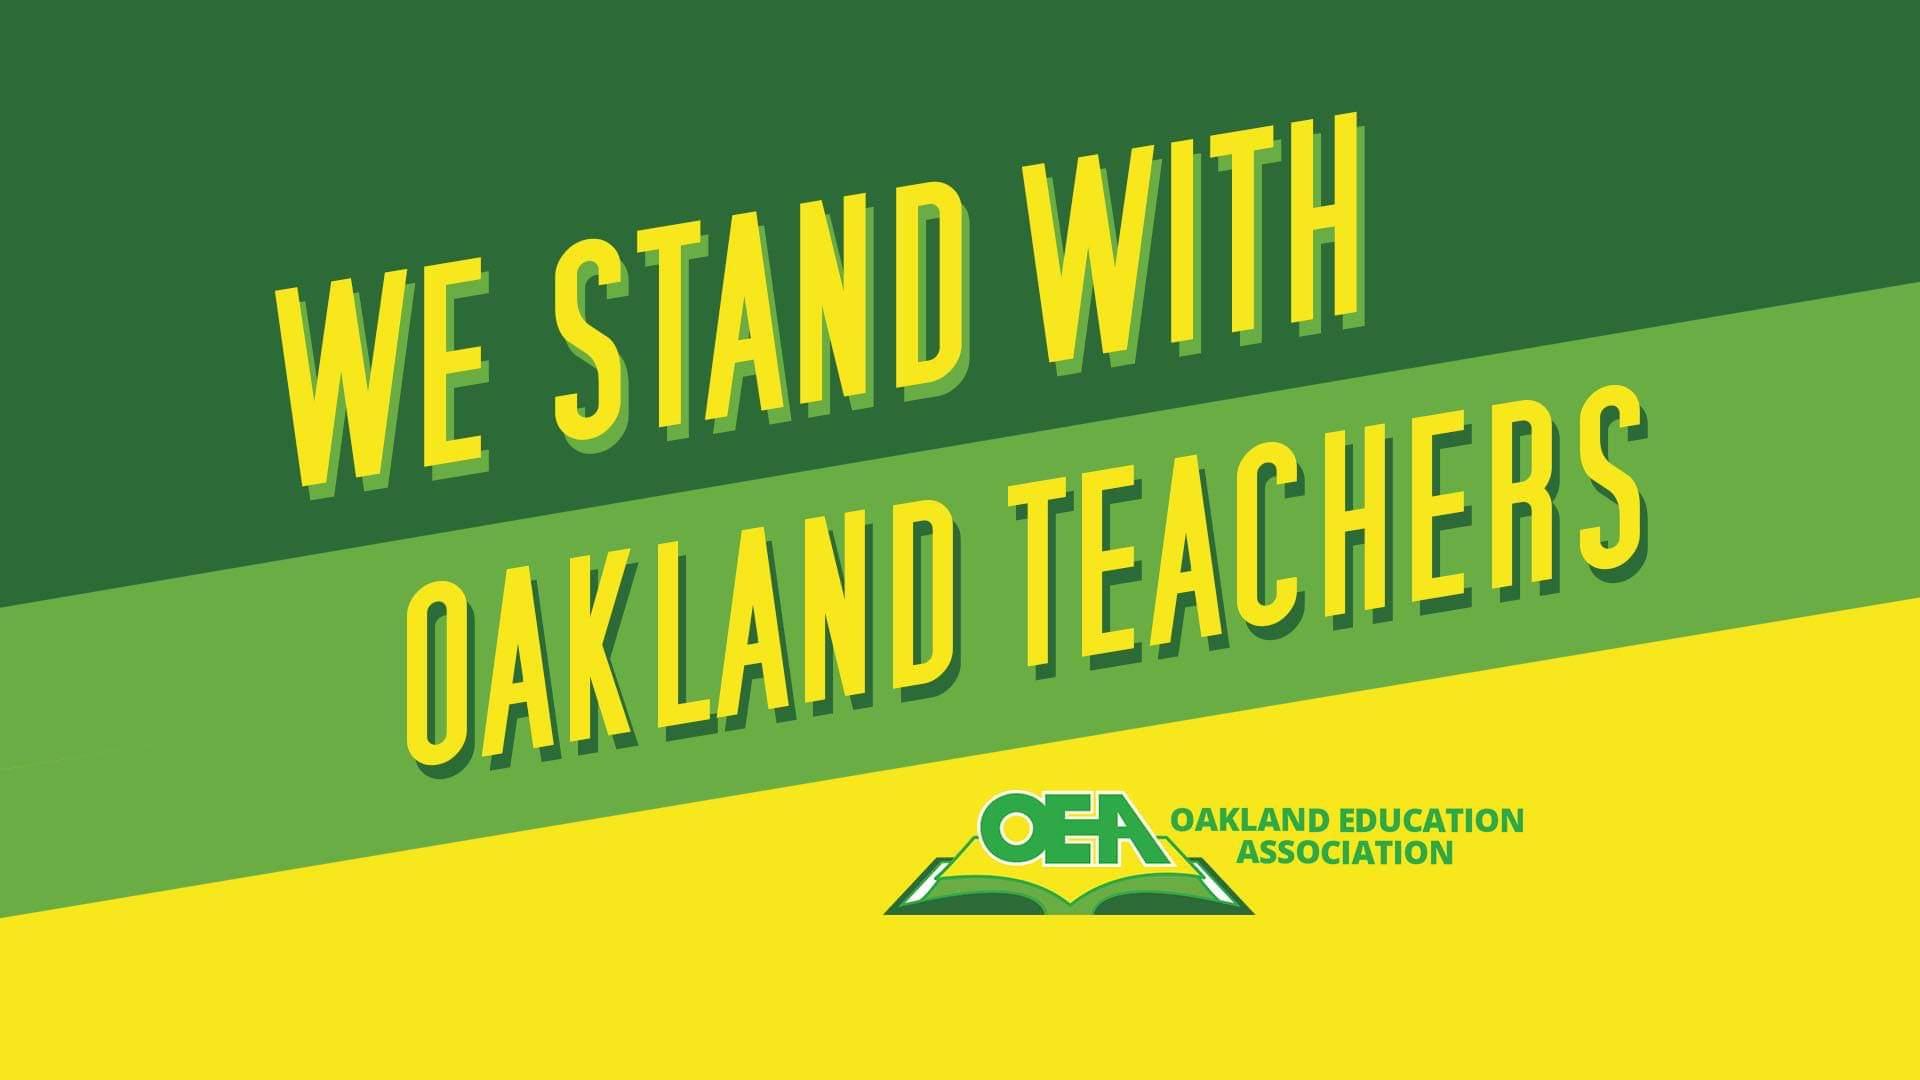 Oakland teachers mobilize to defend public education